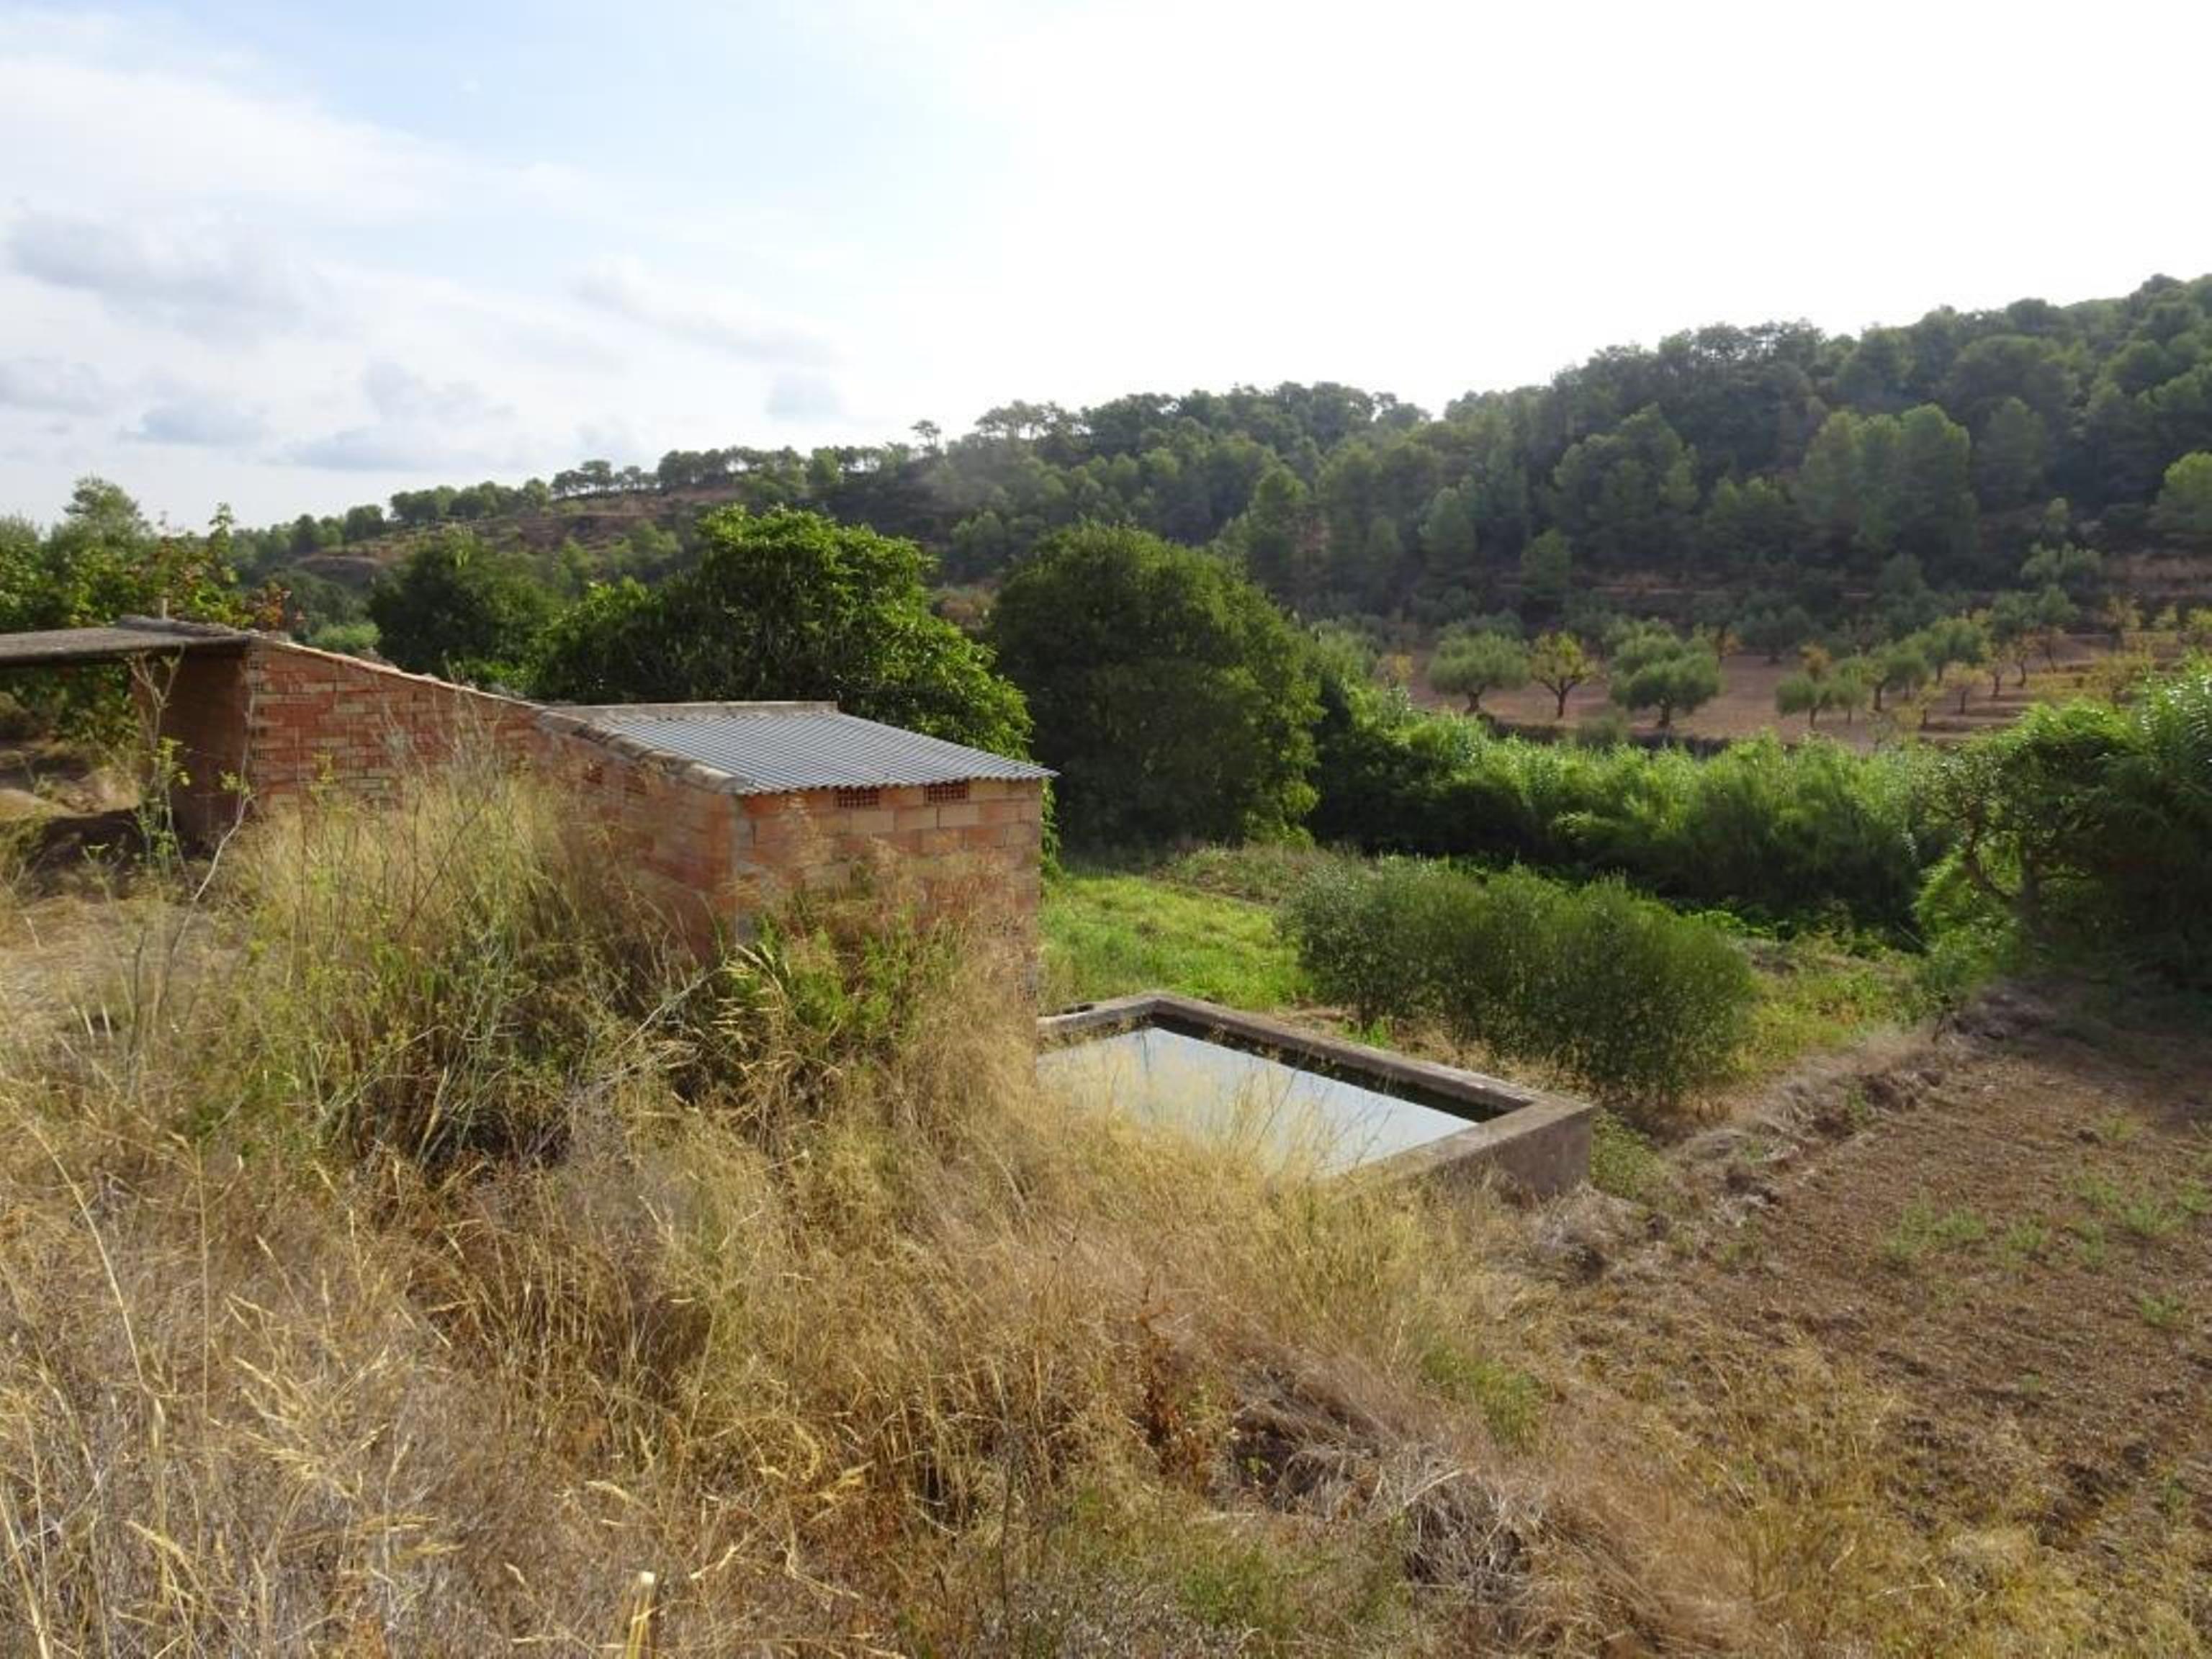 CORBERA D'EBRE, ,Masia amb corral,Rústica,CORBERA D'EBRE,1145